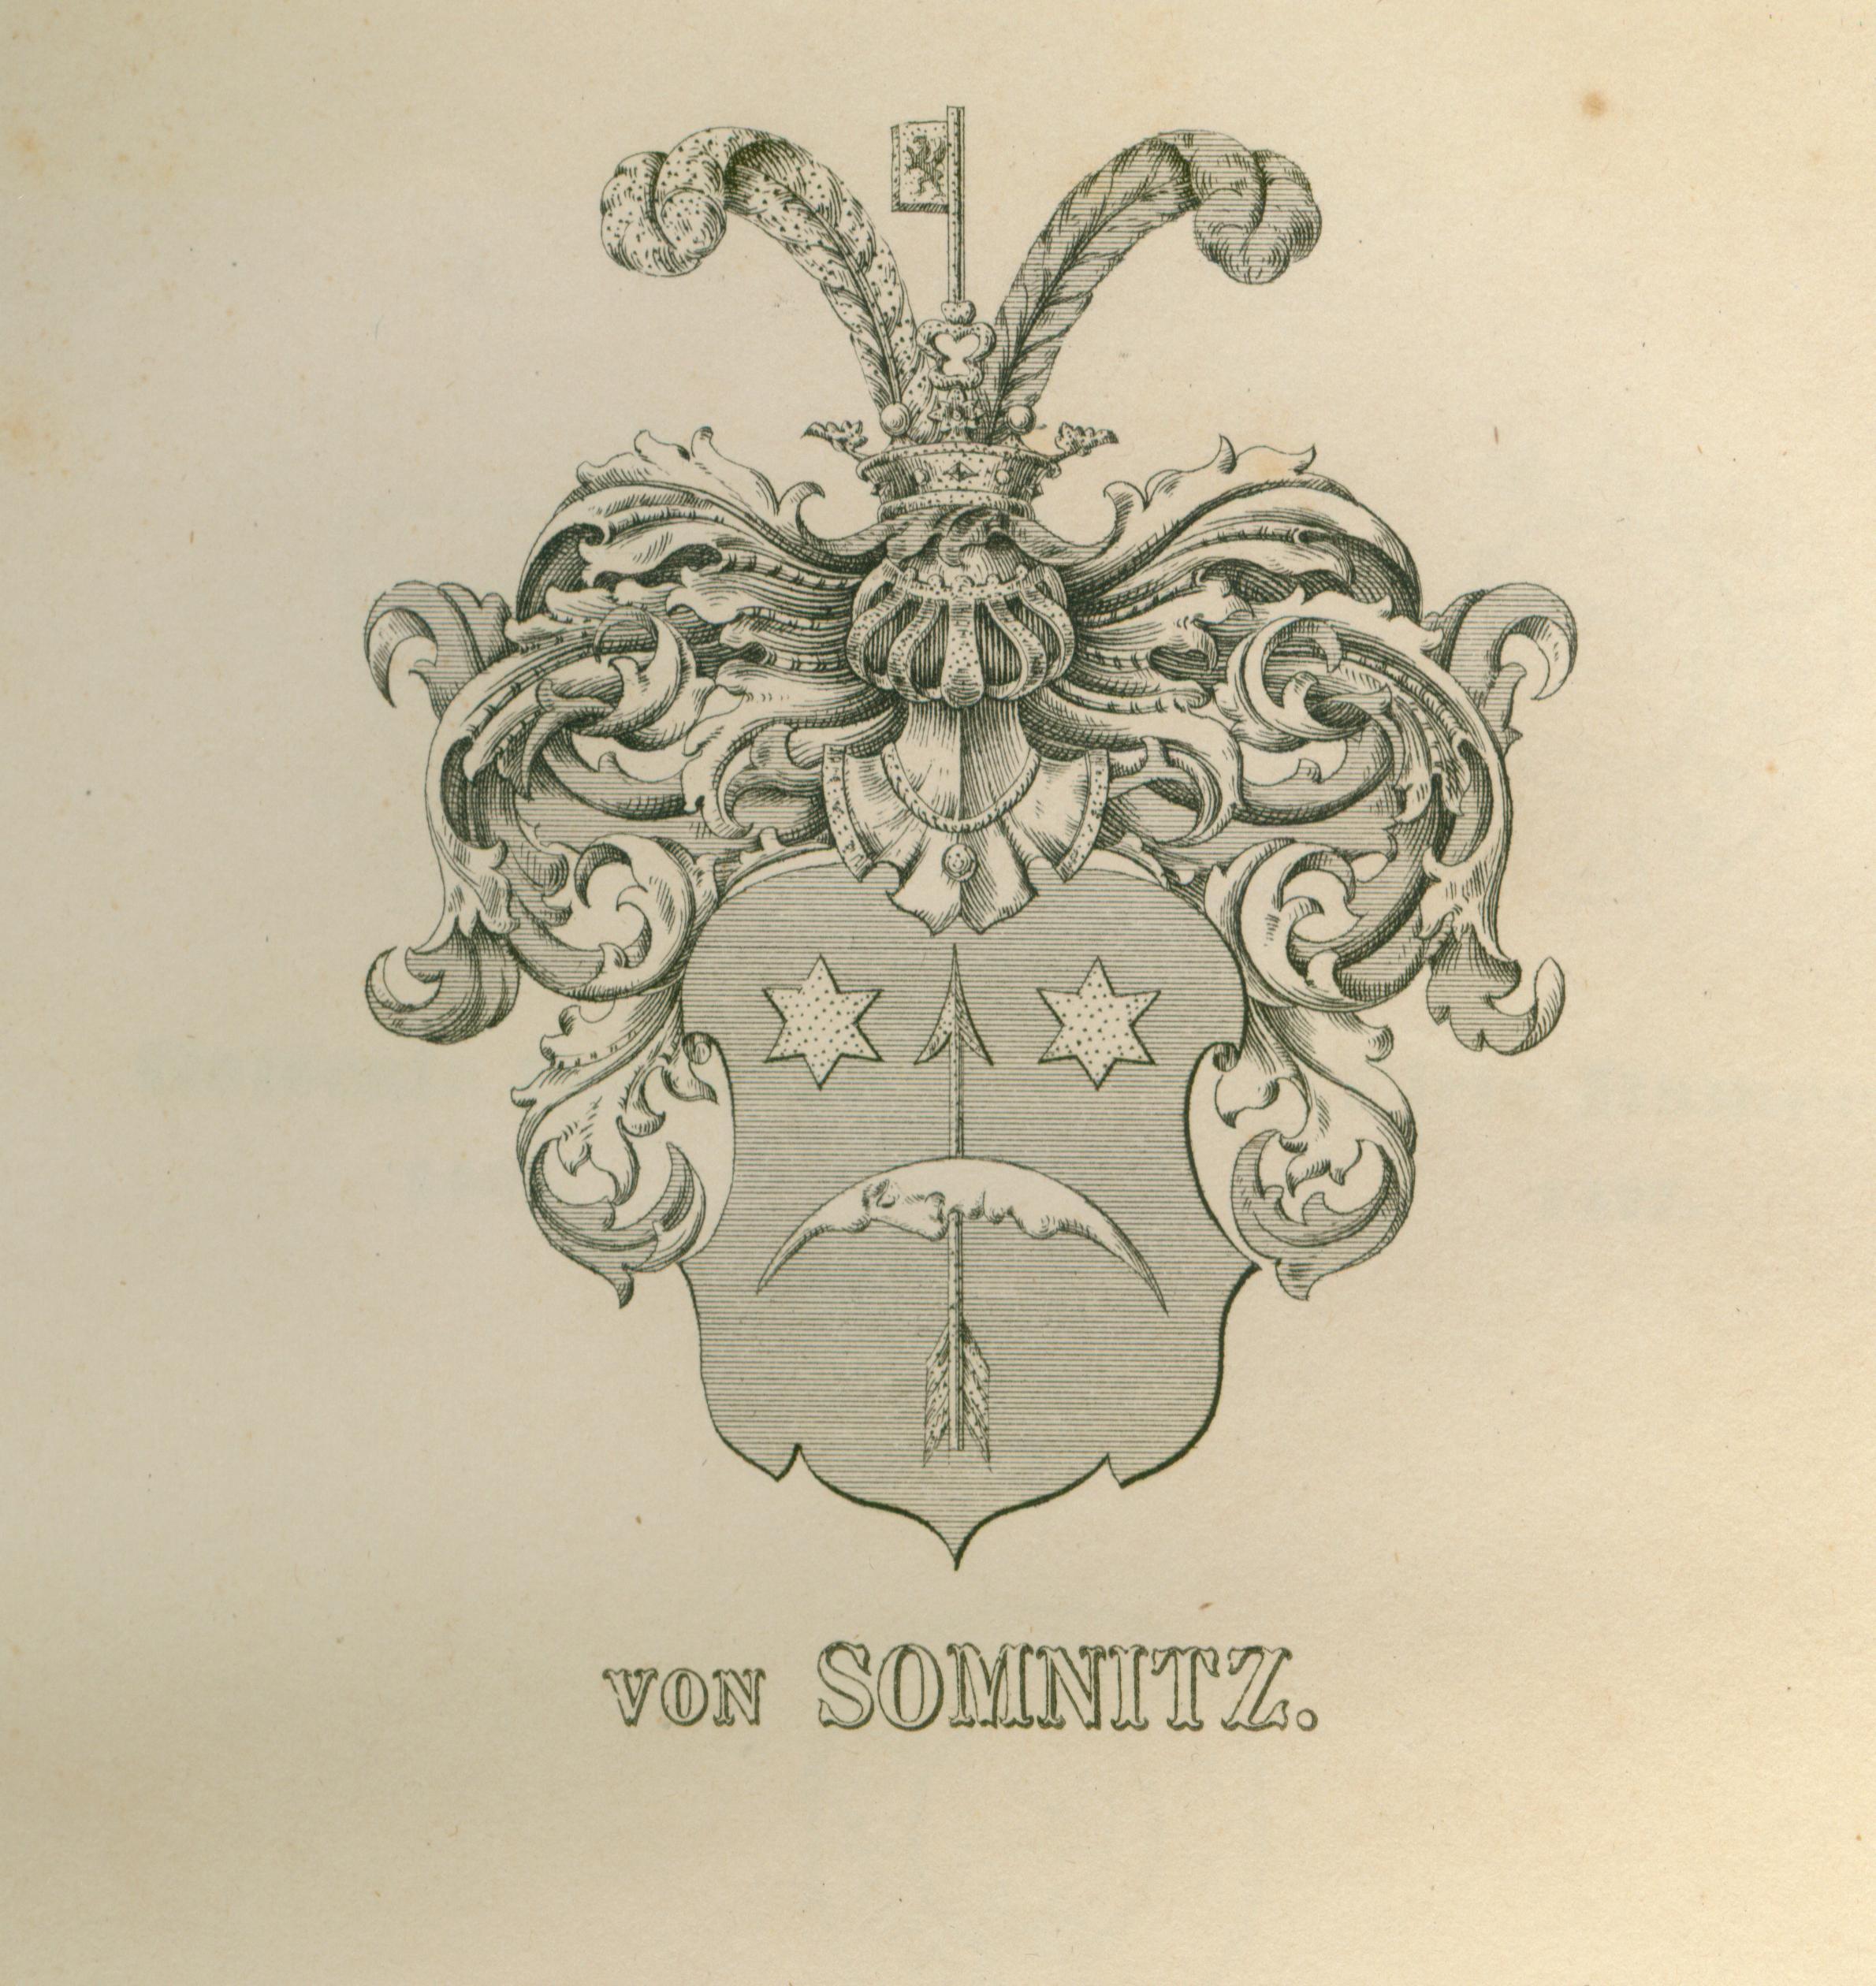 Somnitz